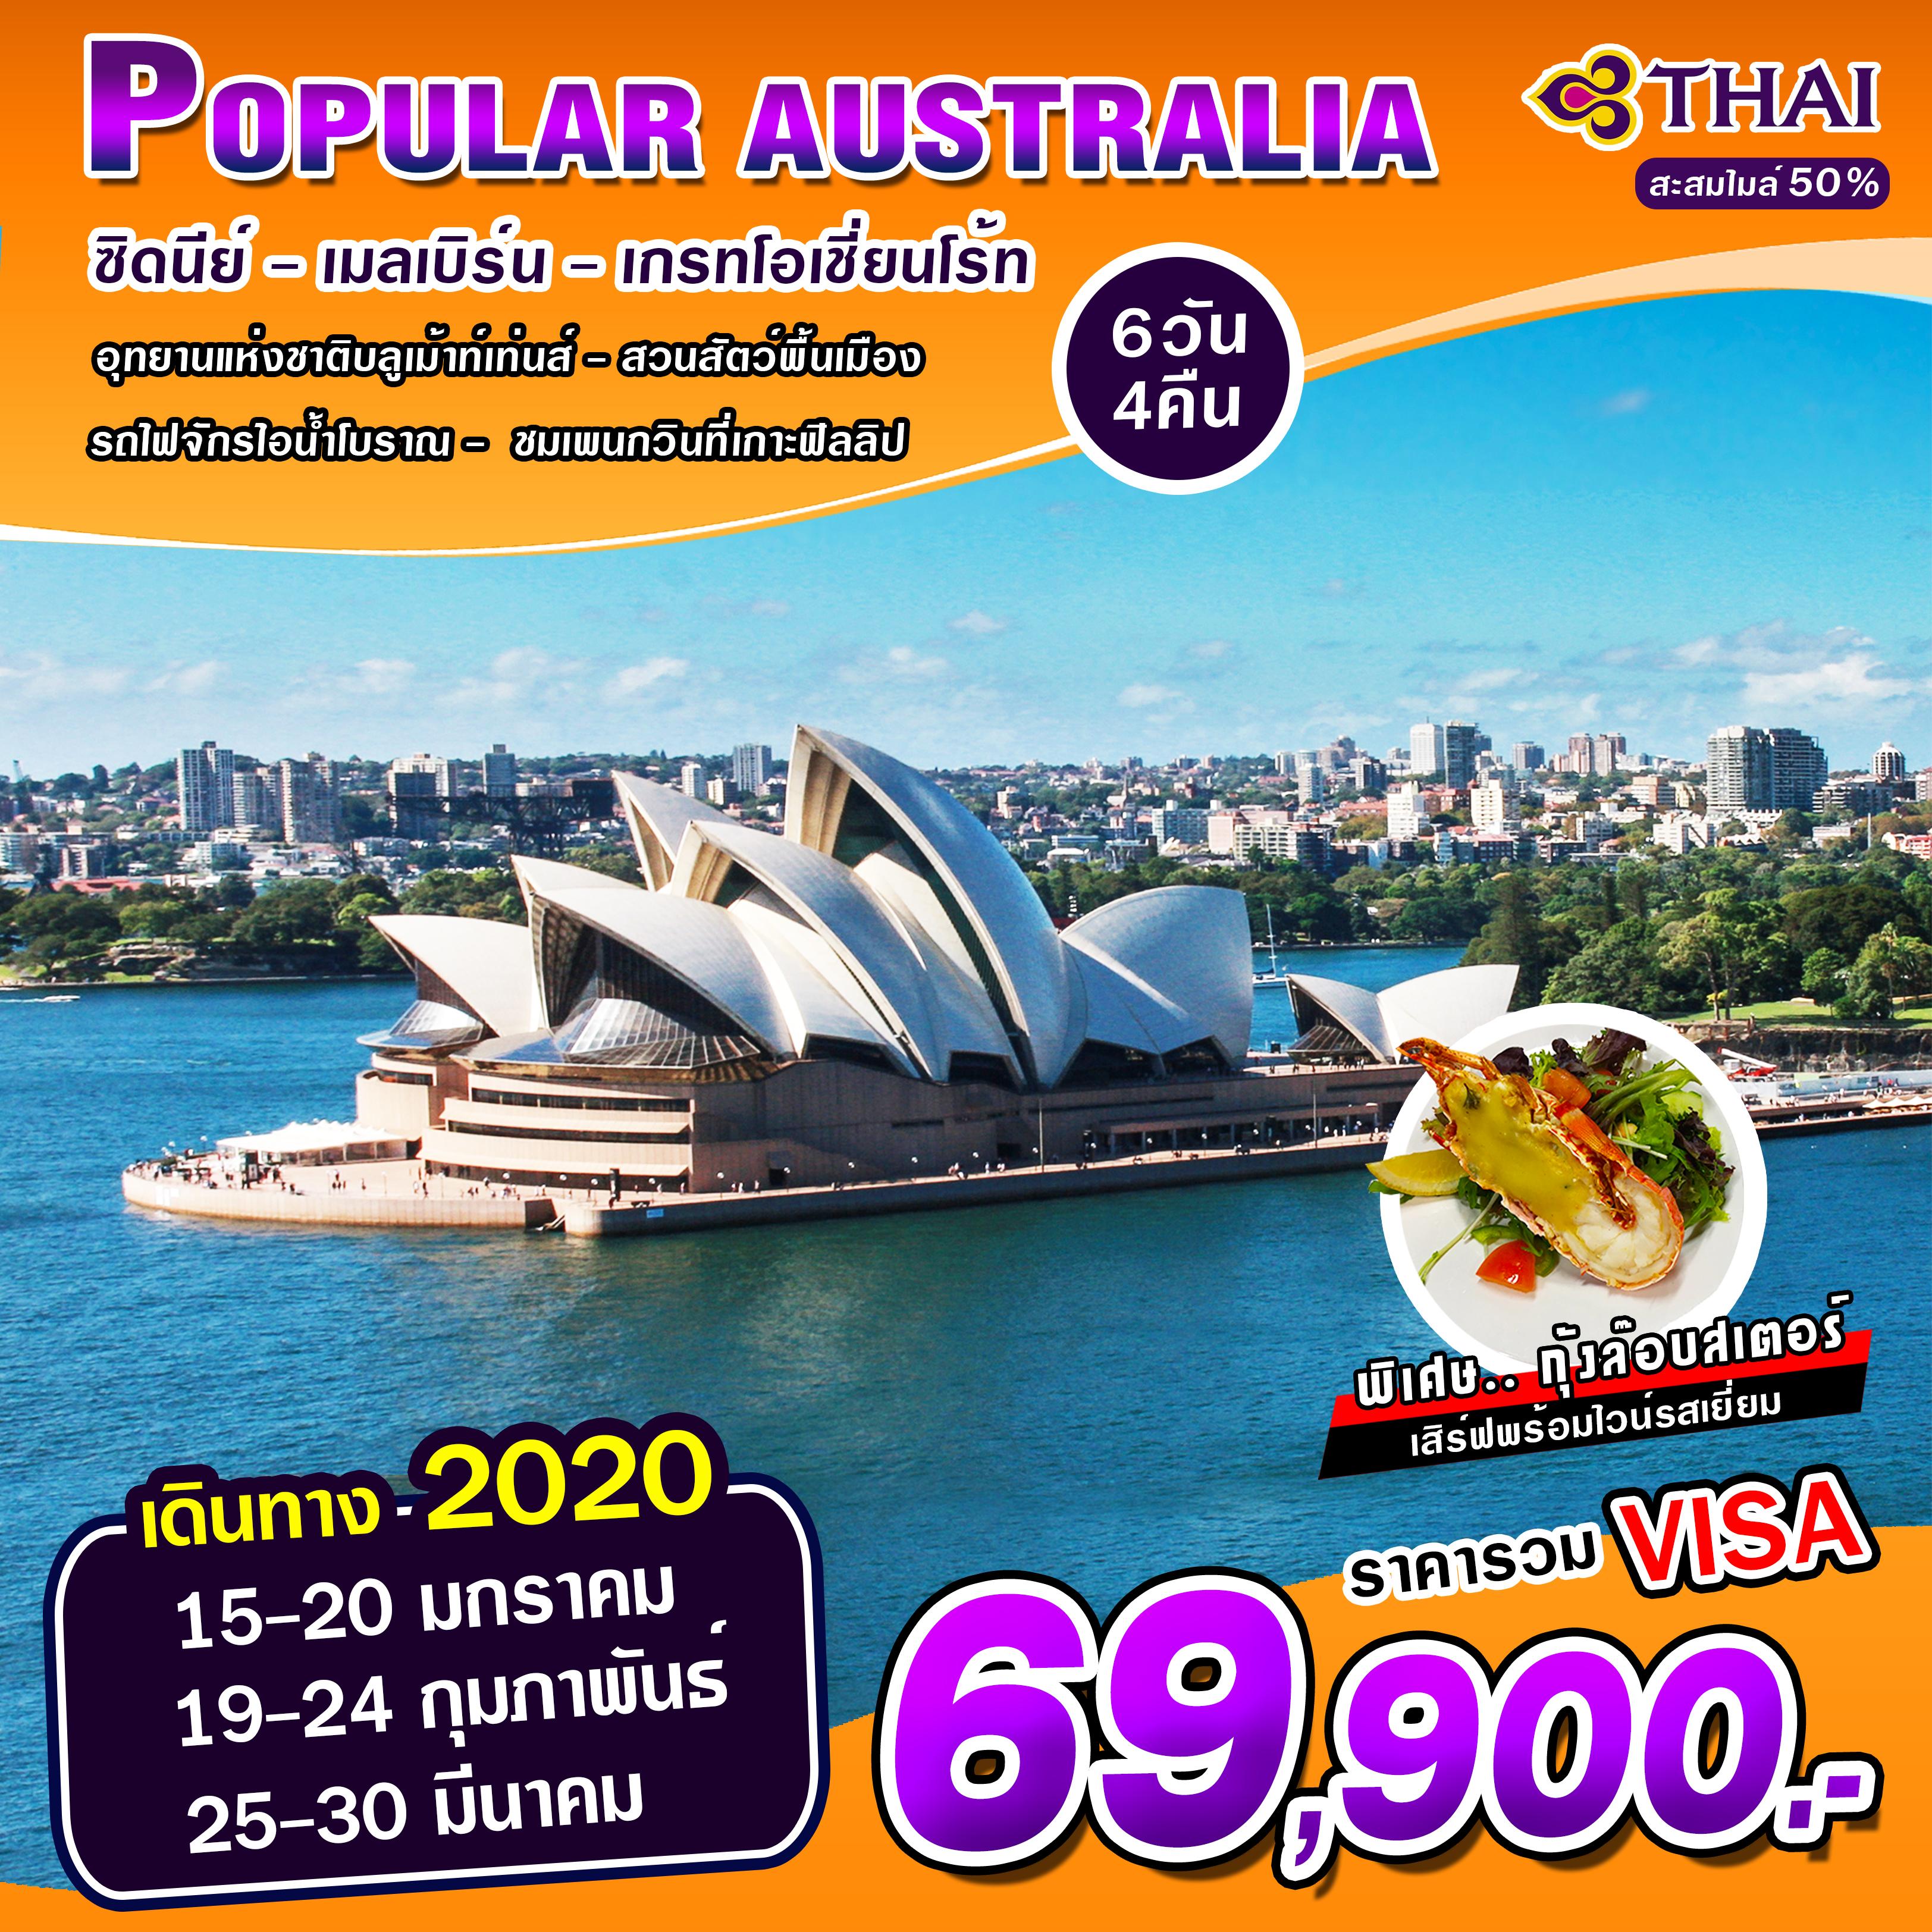 ทัวร์ออสเตรเลีย-POPULAR-AUSTRALIA-6D4N-(TG-)(12-17APR20)